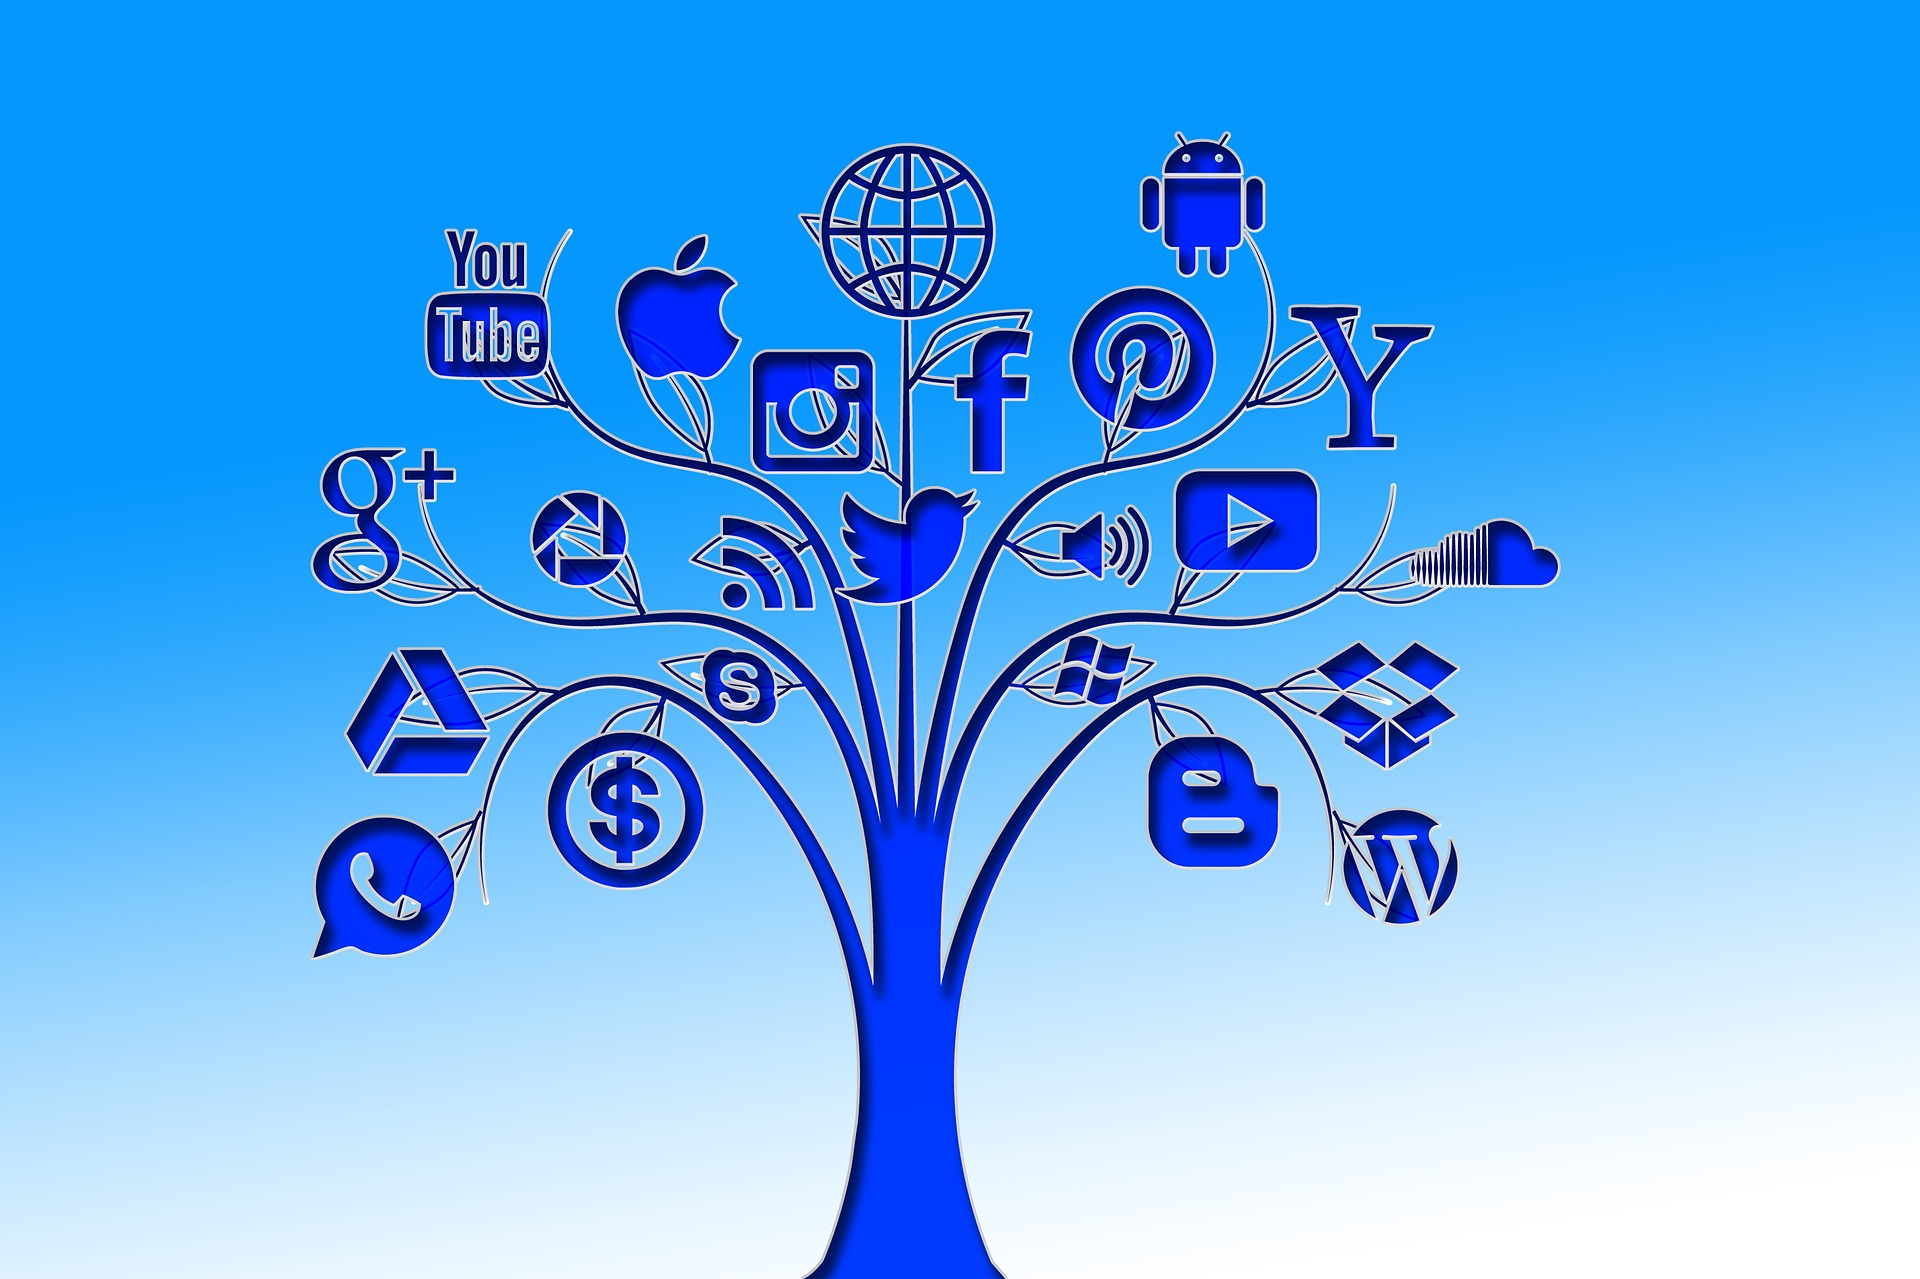 Social Media 1391680 1920